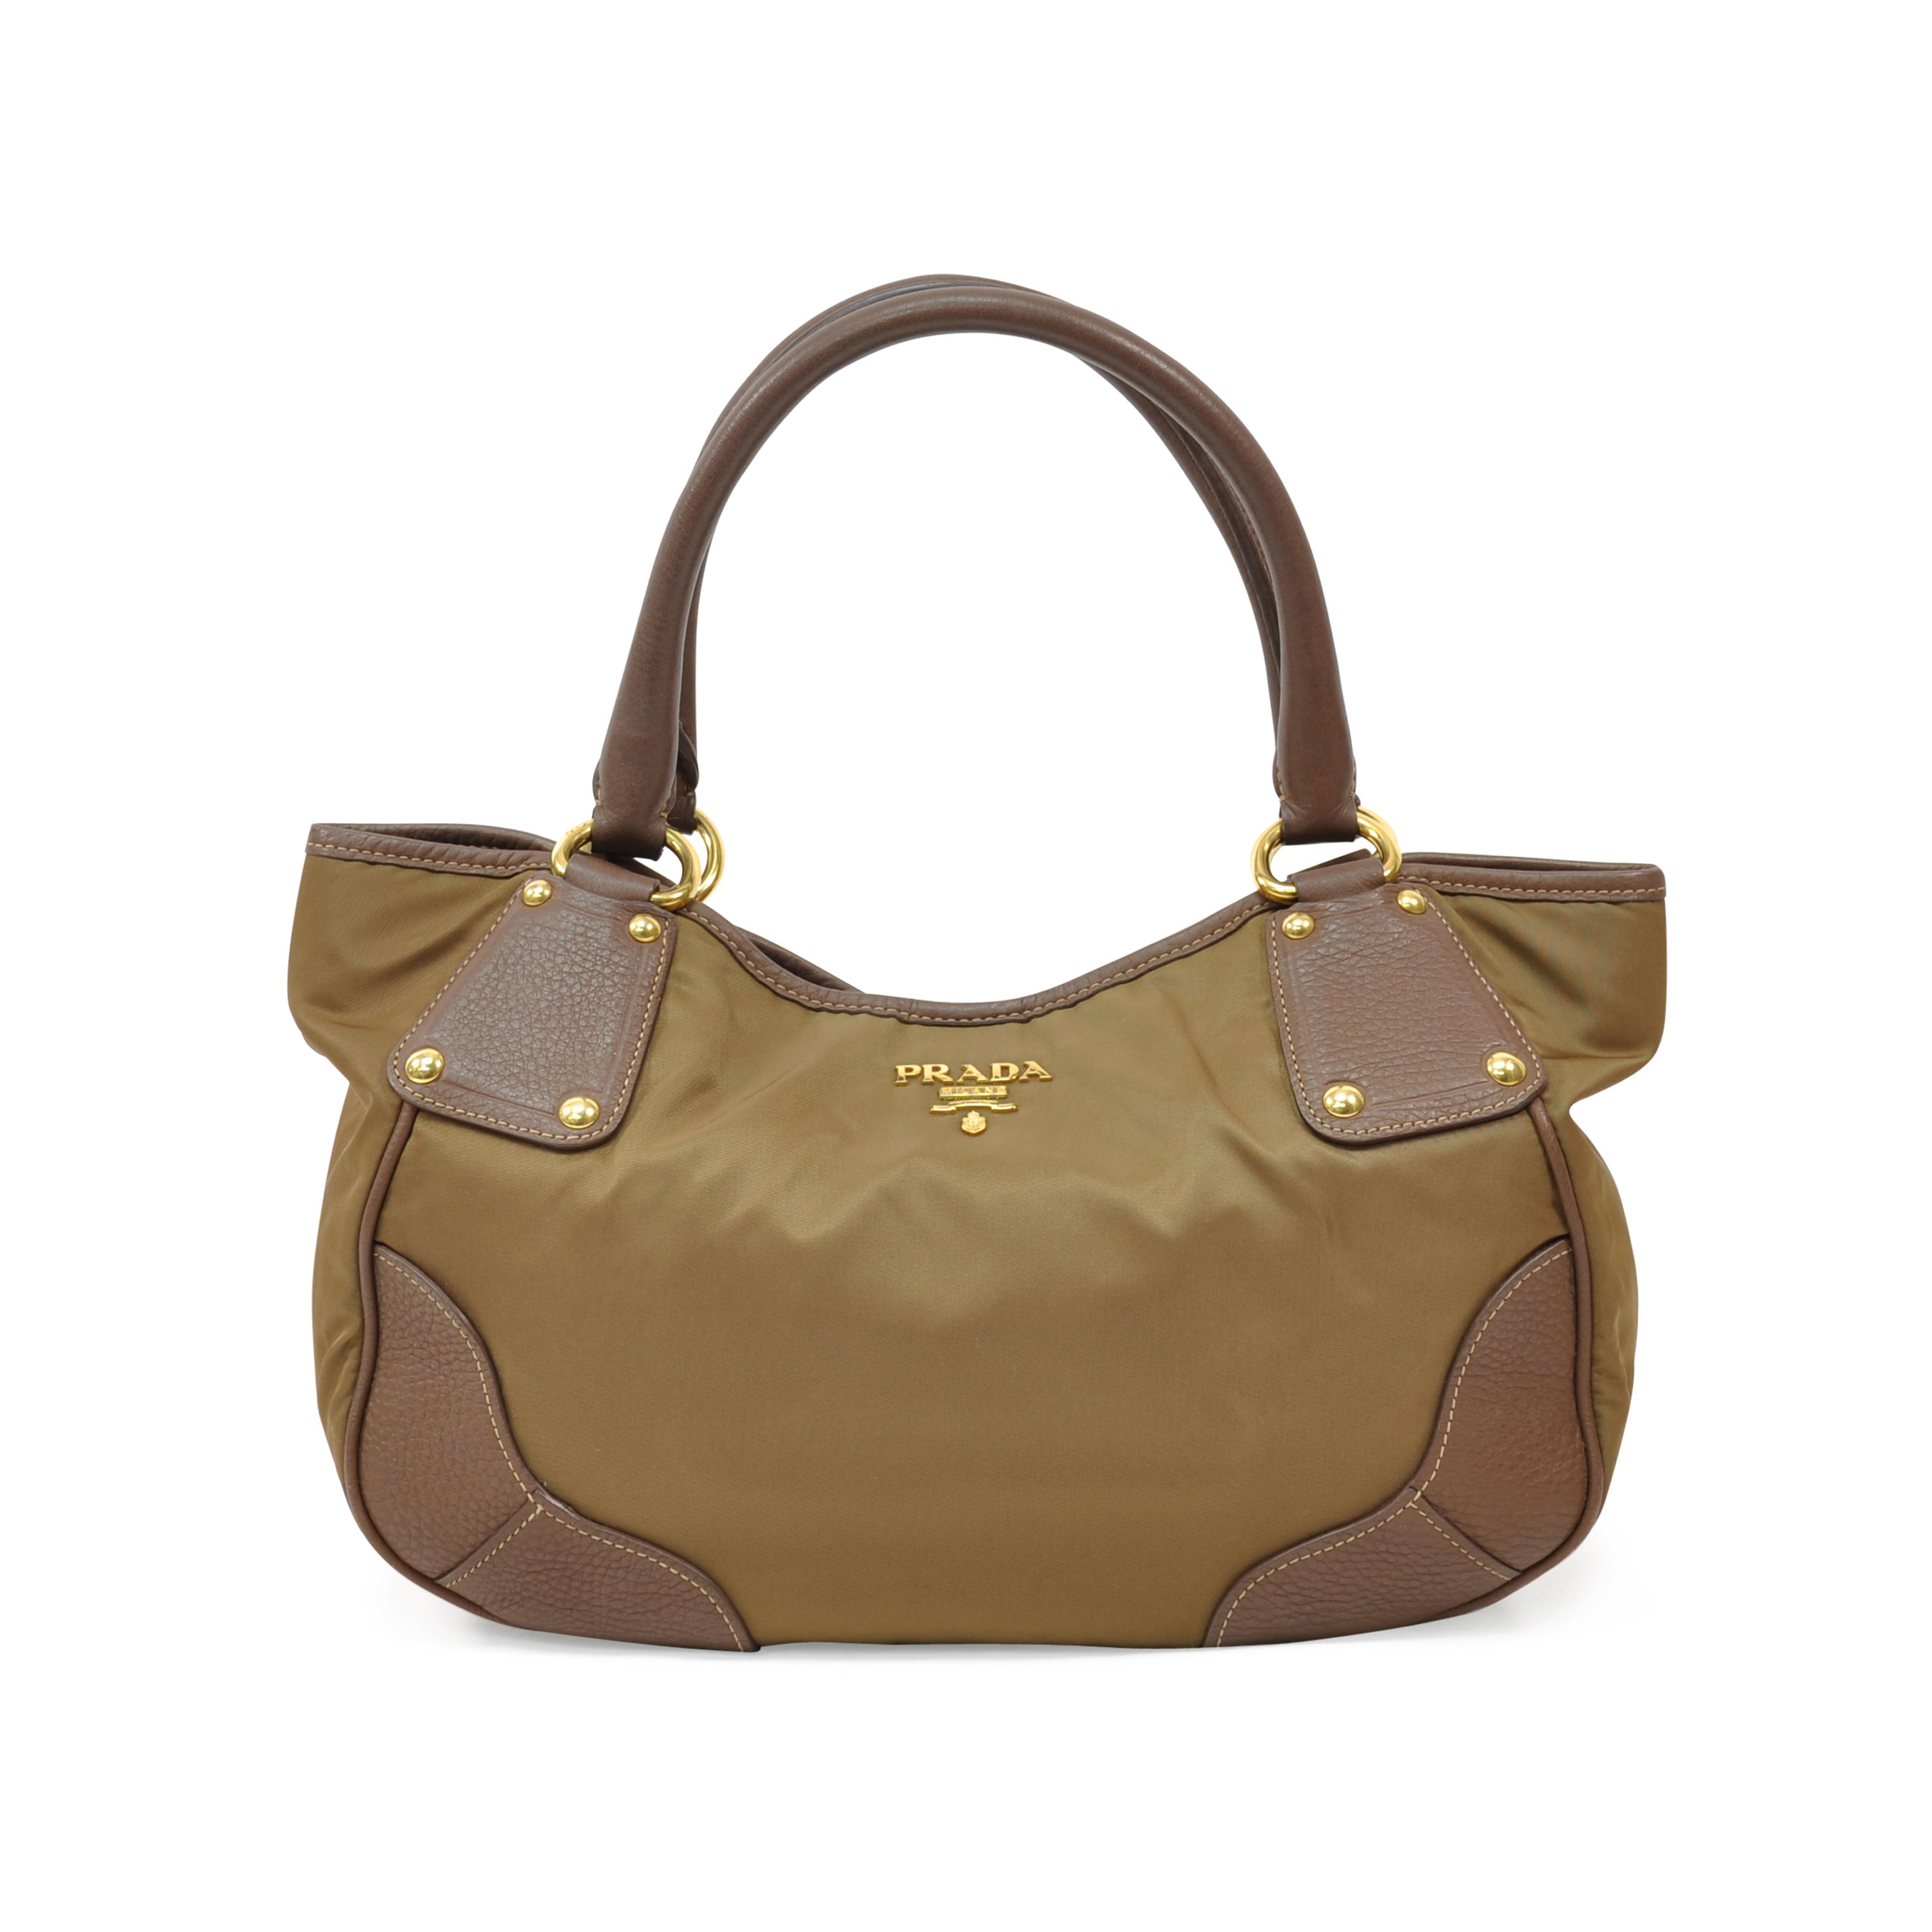 d992cce3119d Authentic Second Hand Prada Nylon Shoulder Bag (PSS-321-00002)